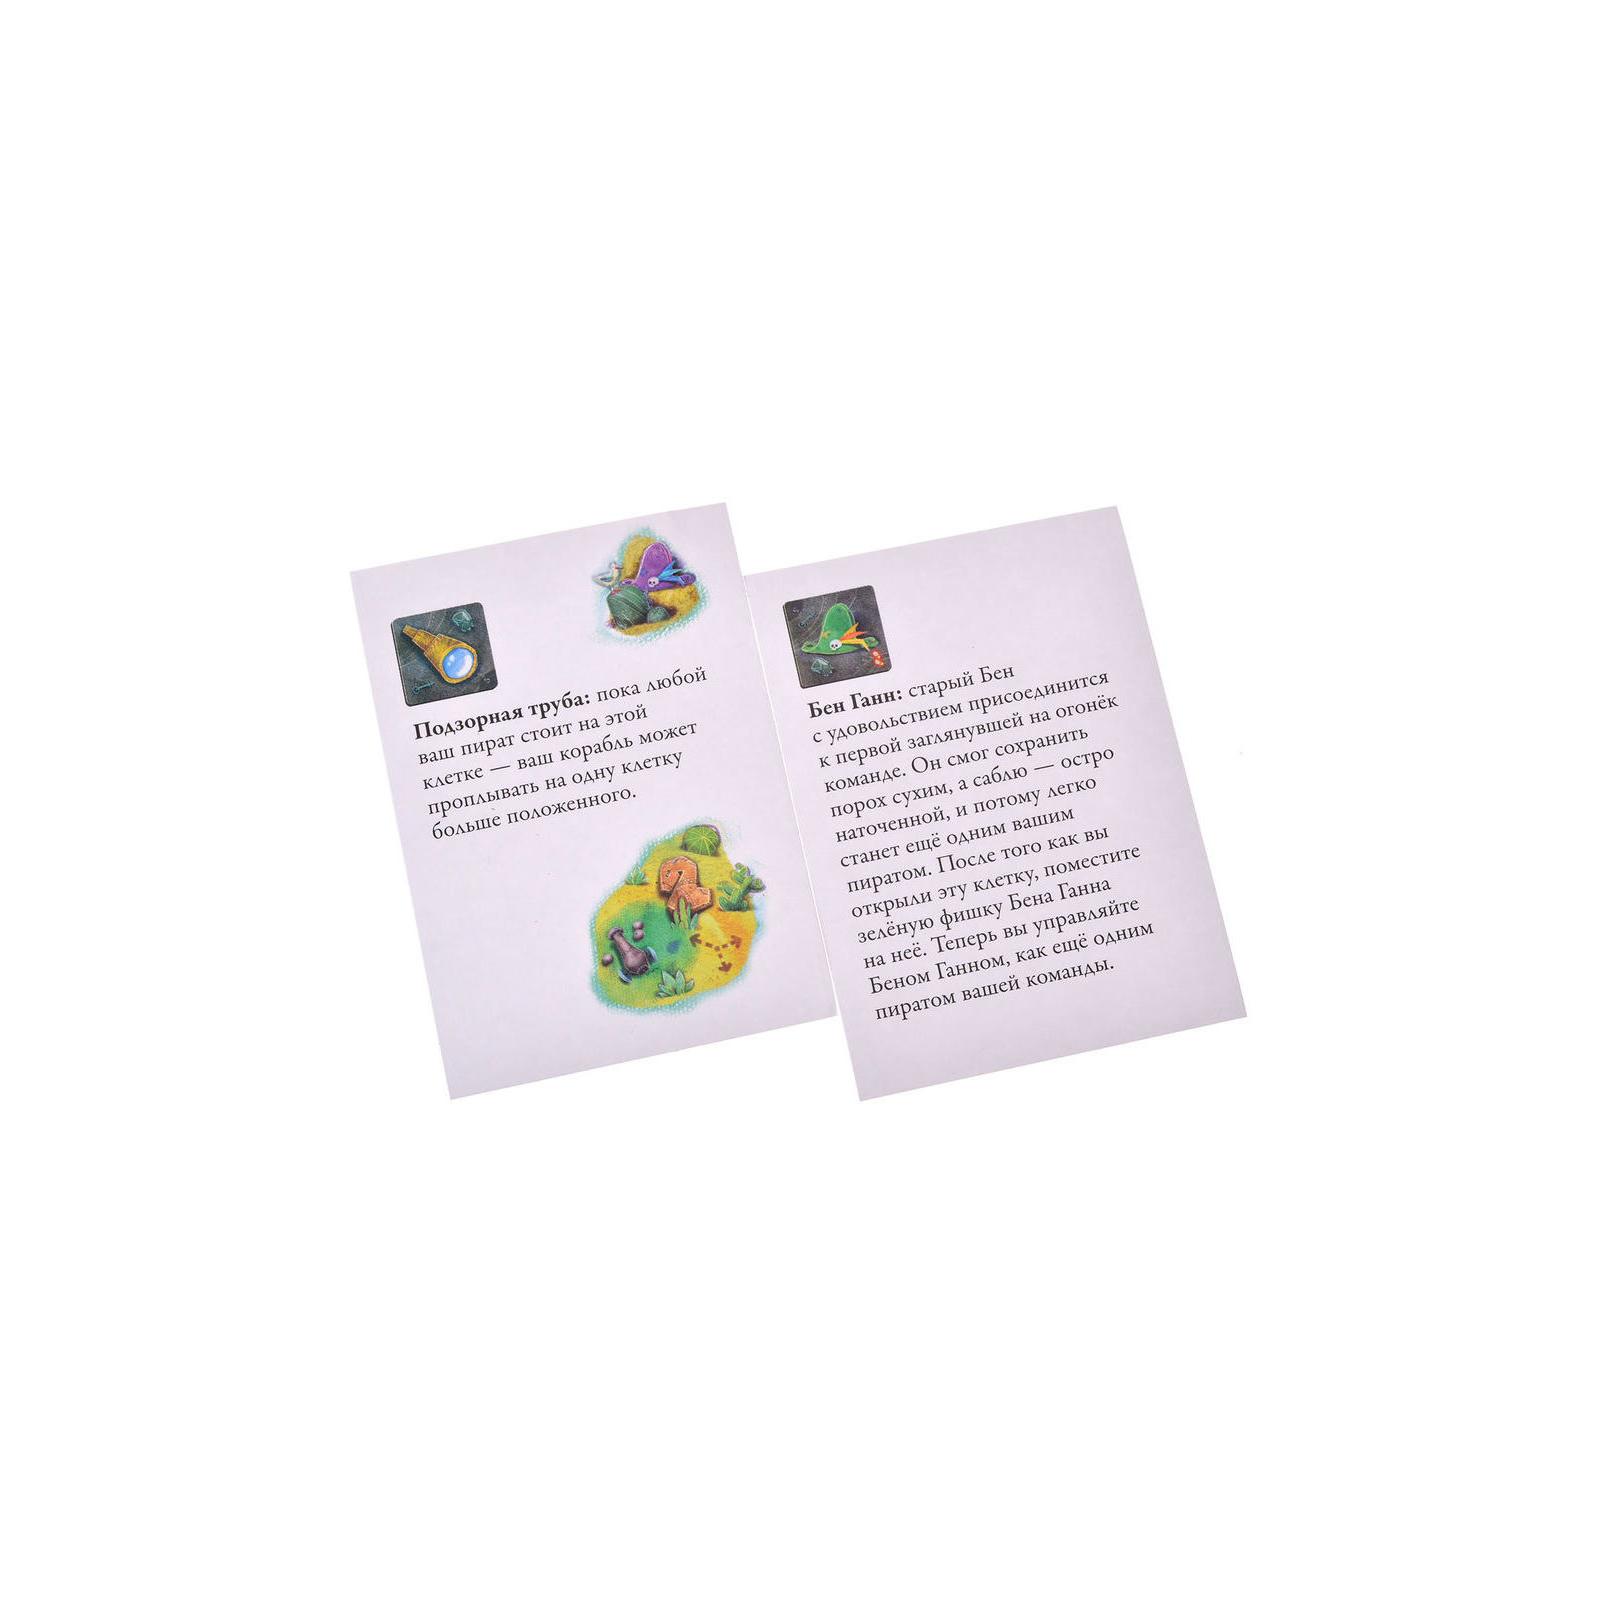 Настольная игра Magellan Шакал. Архипелаг. Остров Бена Ганна (MAG11185) изображение 6